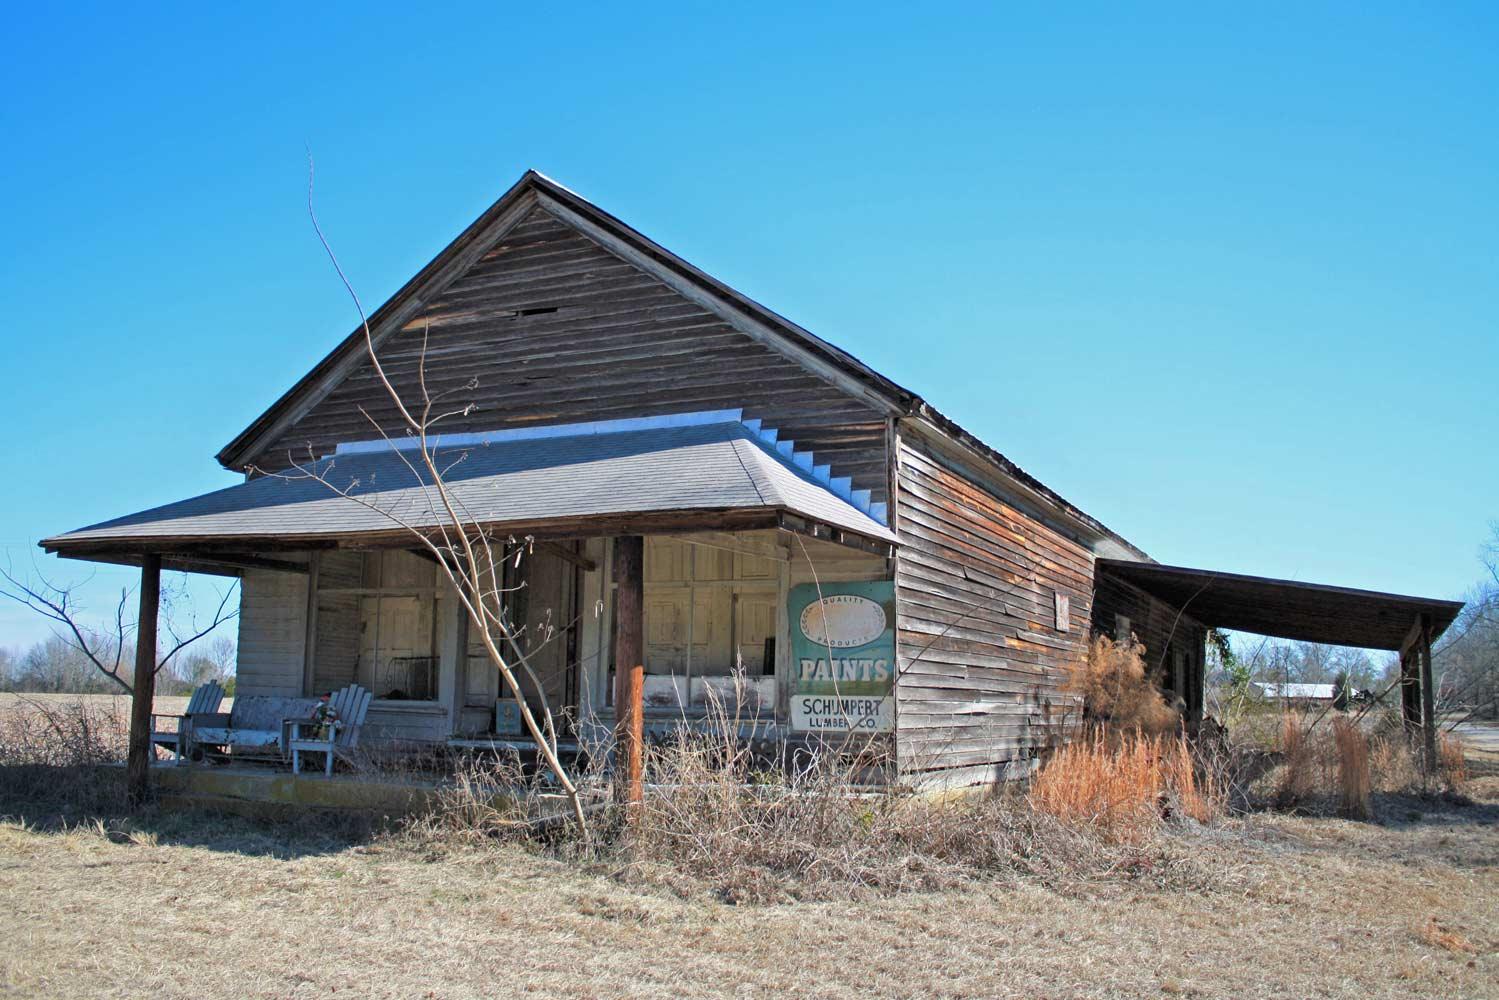 Schumpert Lumber Co in Elko, SC